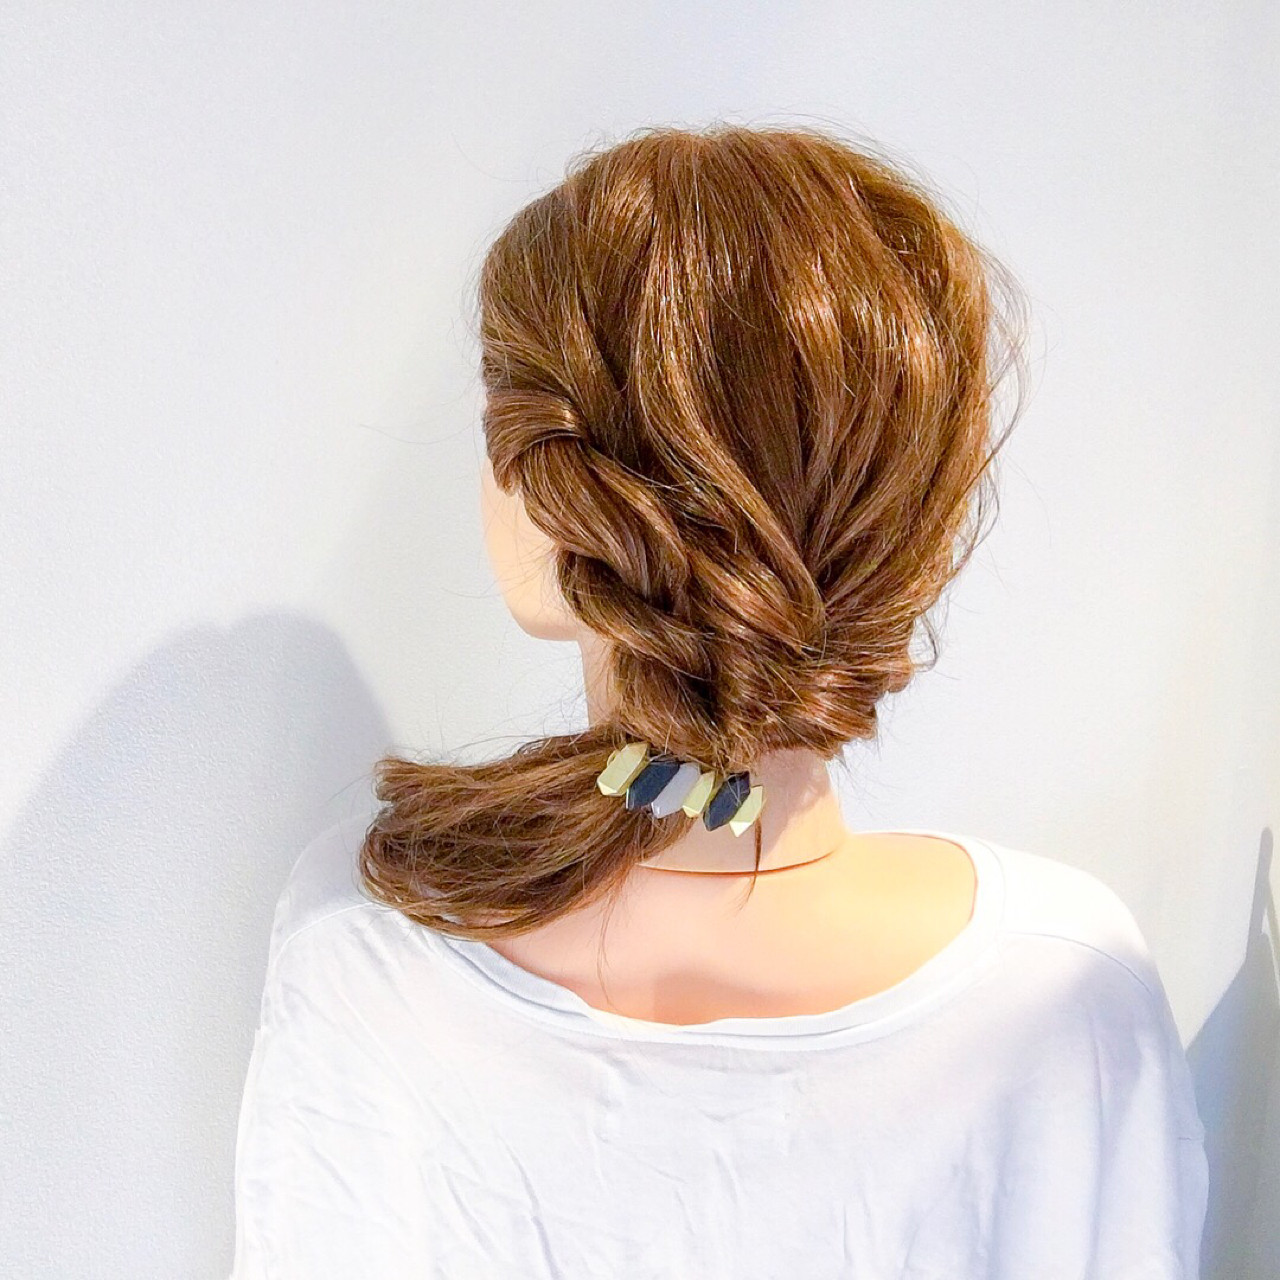 ショート 簡単ヘアアレンジ 上品 エレガント ヘアスタイルや髪型の写真・画像 | 美容師HIRO/Amoute代表 / Amoute/アムティ